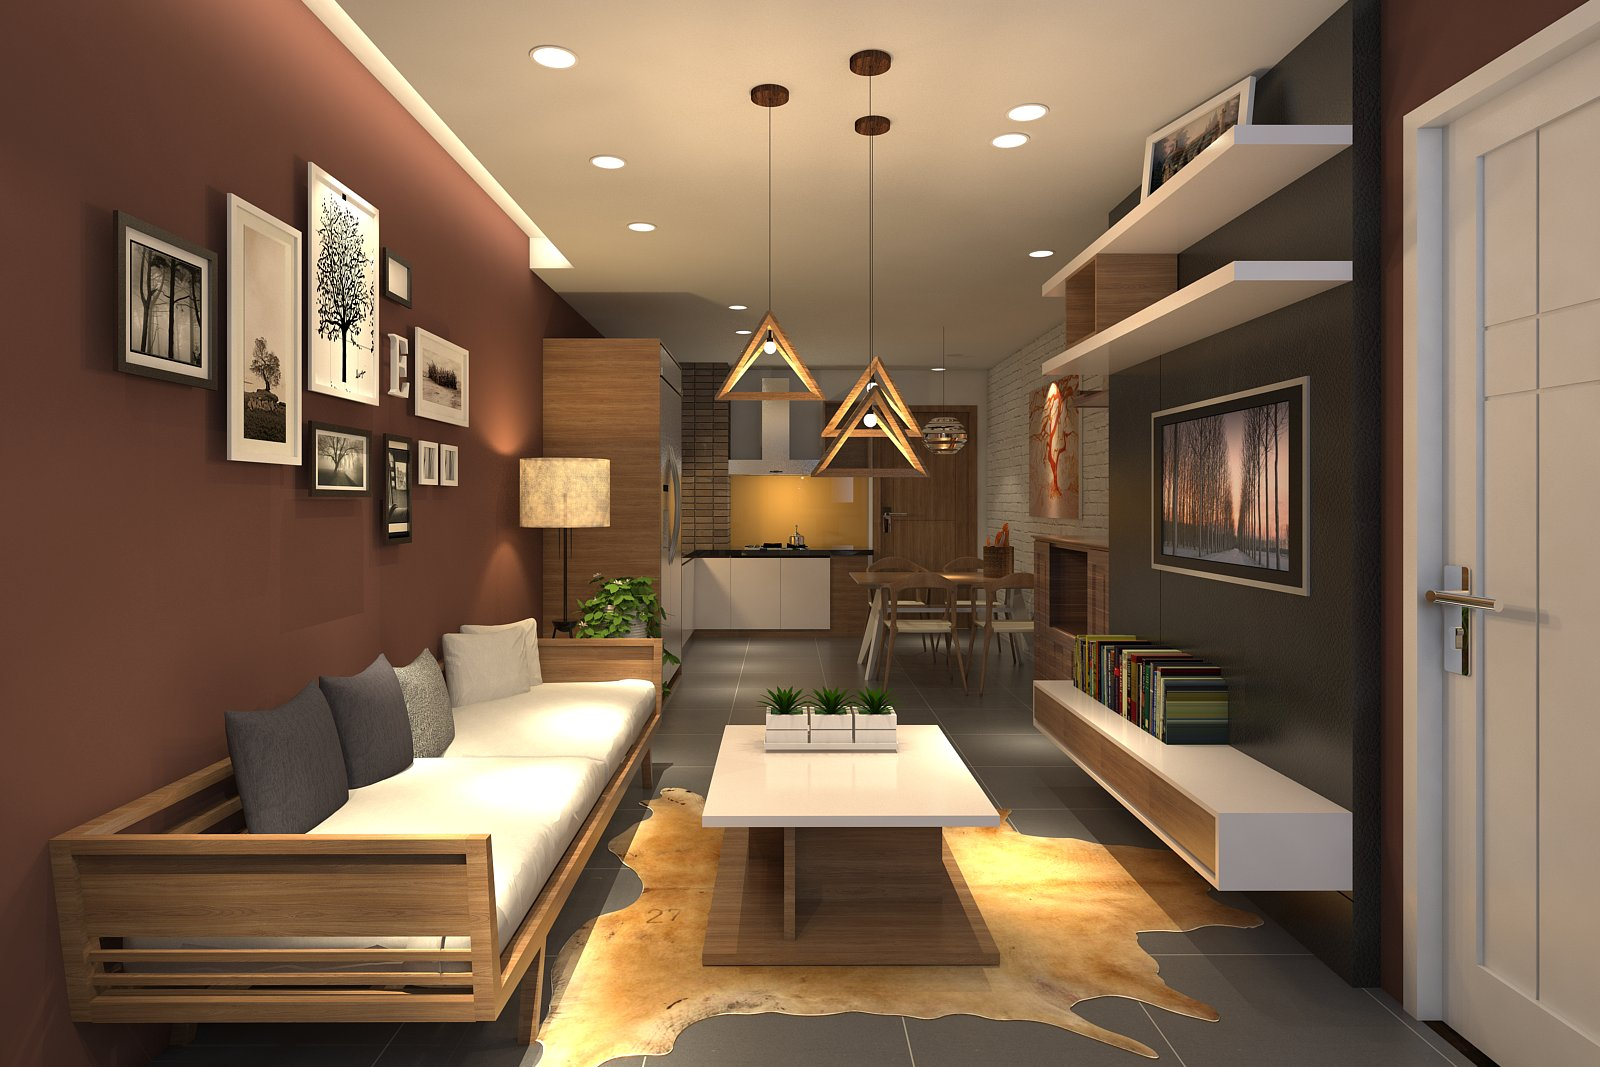 thiết kế thi công căn hộ chung cư nhỏ